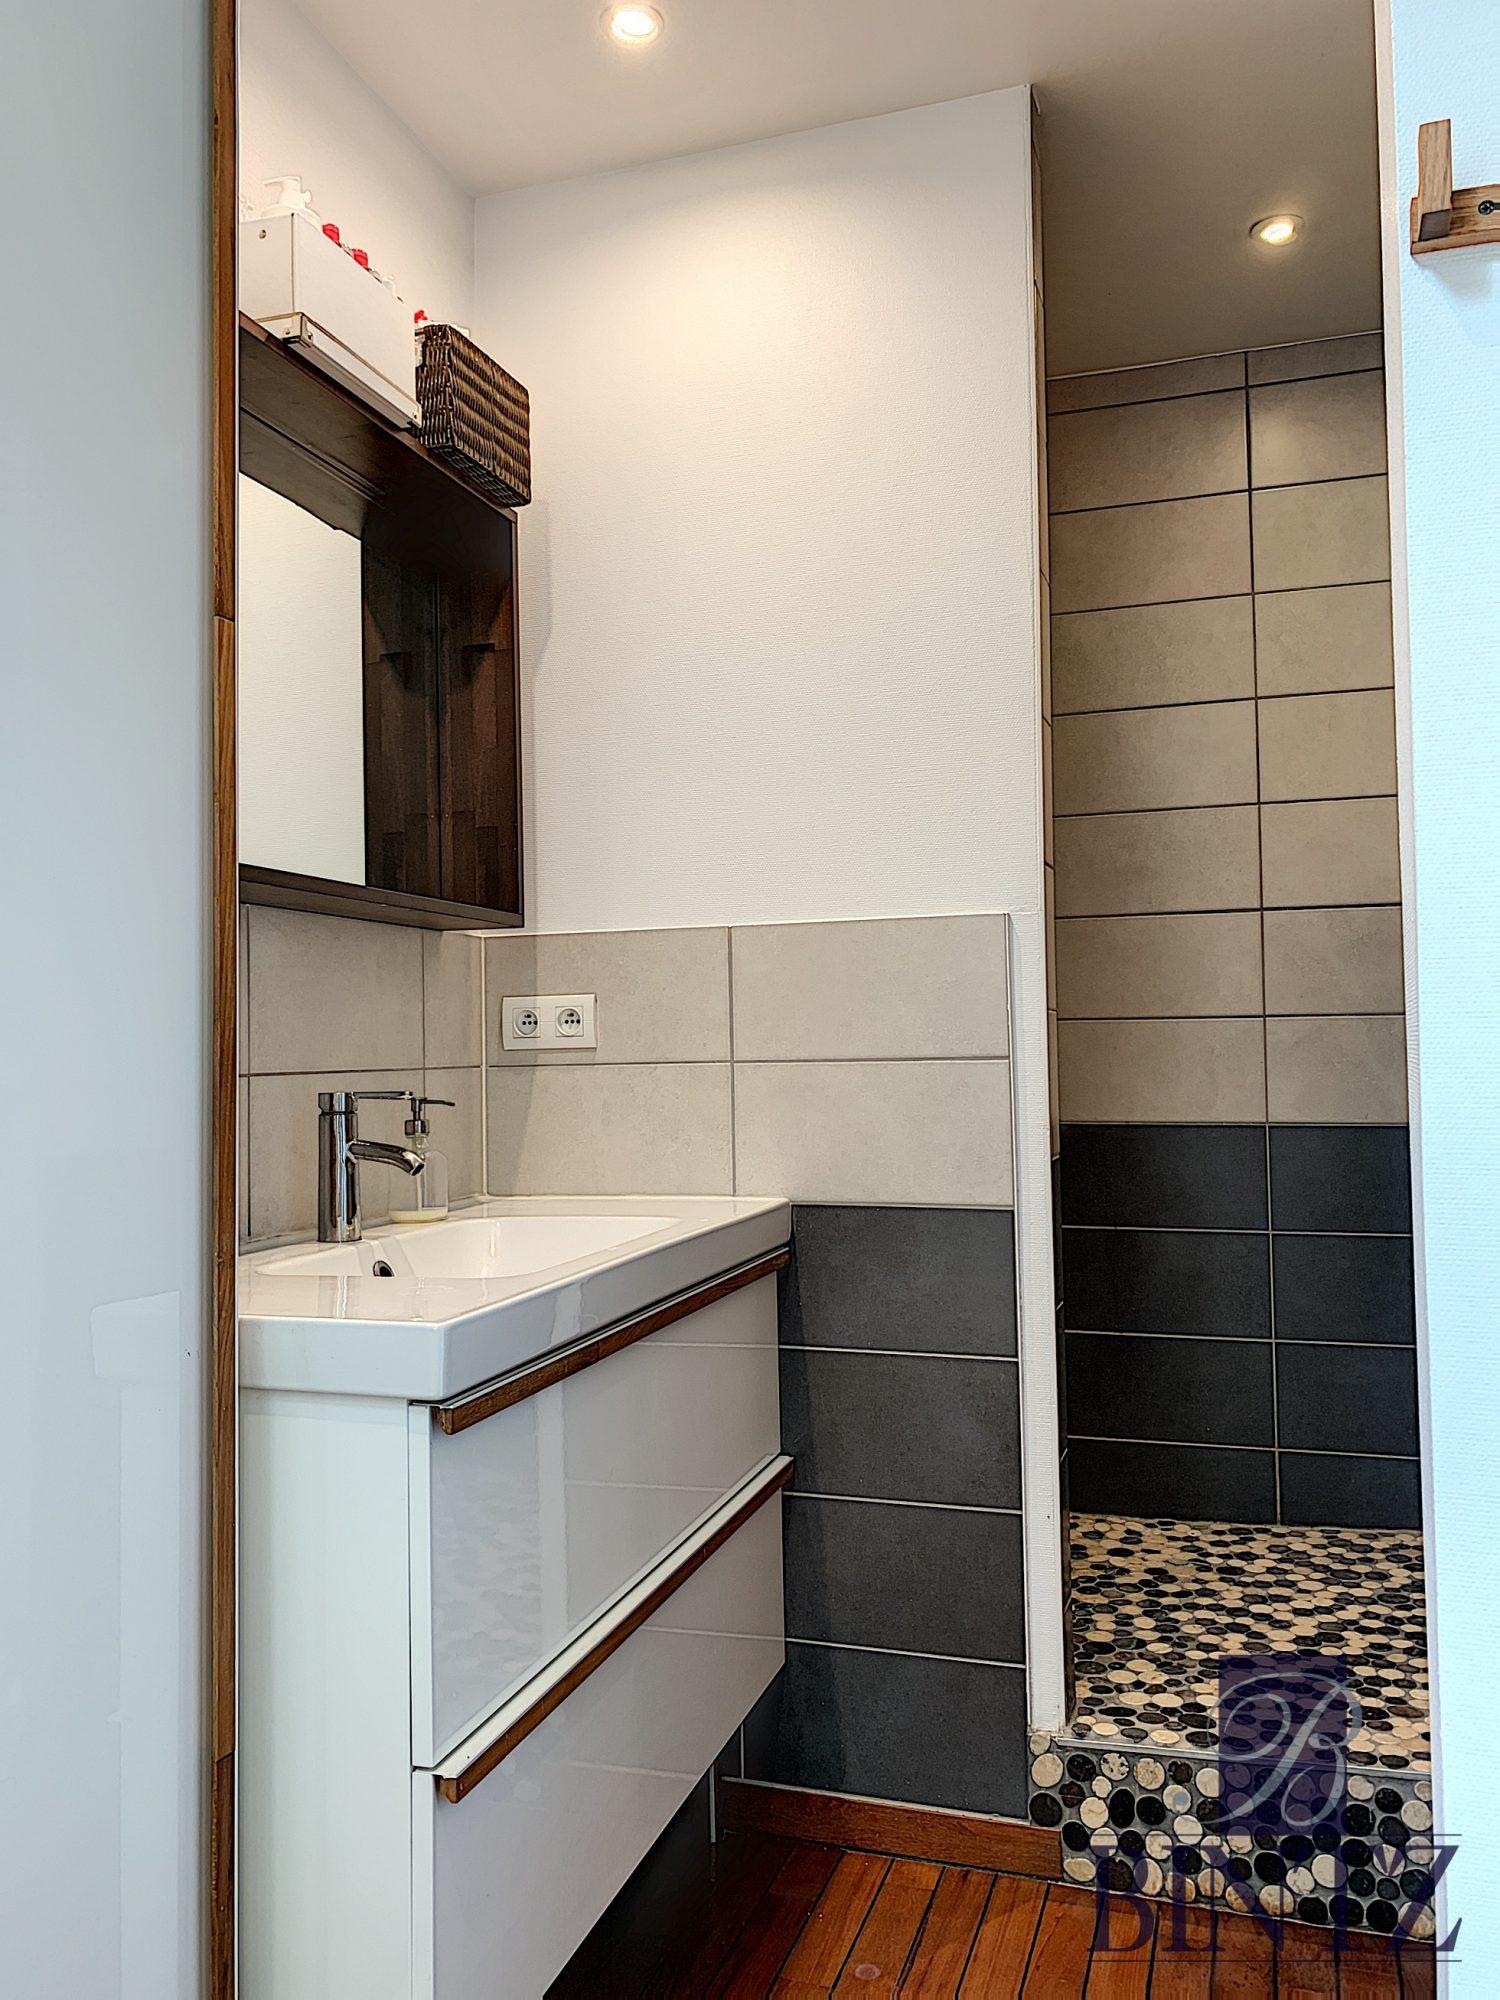 Appartement contemporain quartier forêt noire - Devenez propriétaire en toute confiance - Bintz Immobilier - 11